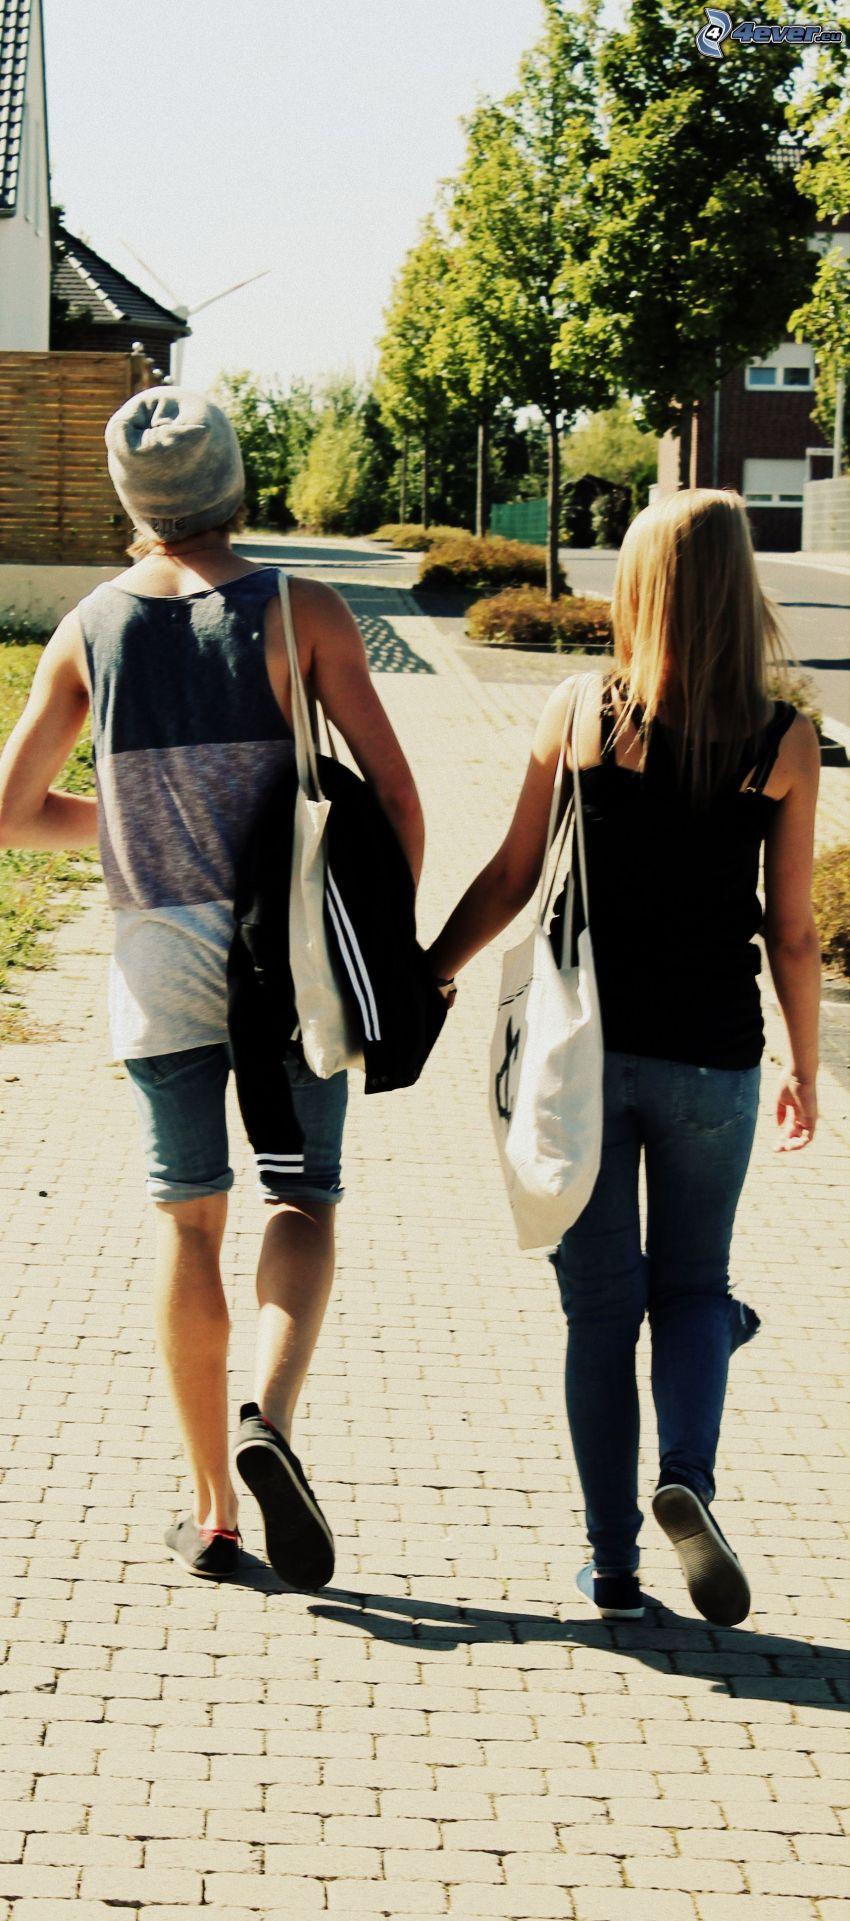 Paar in der Stadt, Spaziergang, halten sich die Hände, Gehweg, Straße